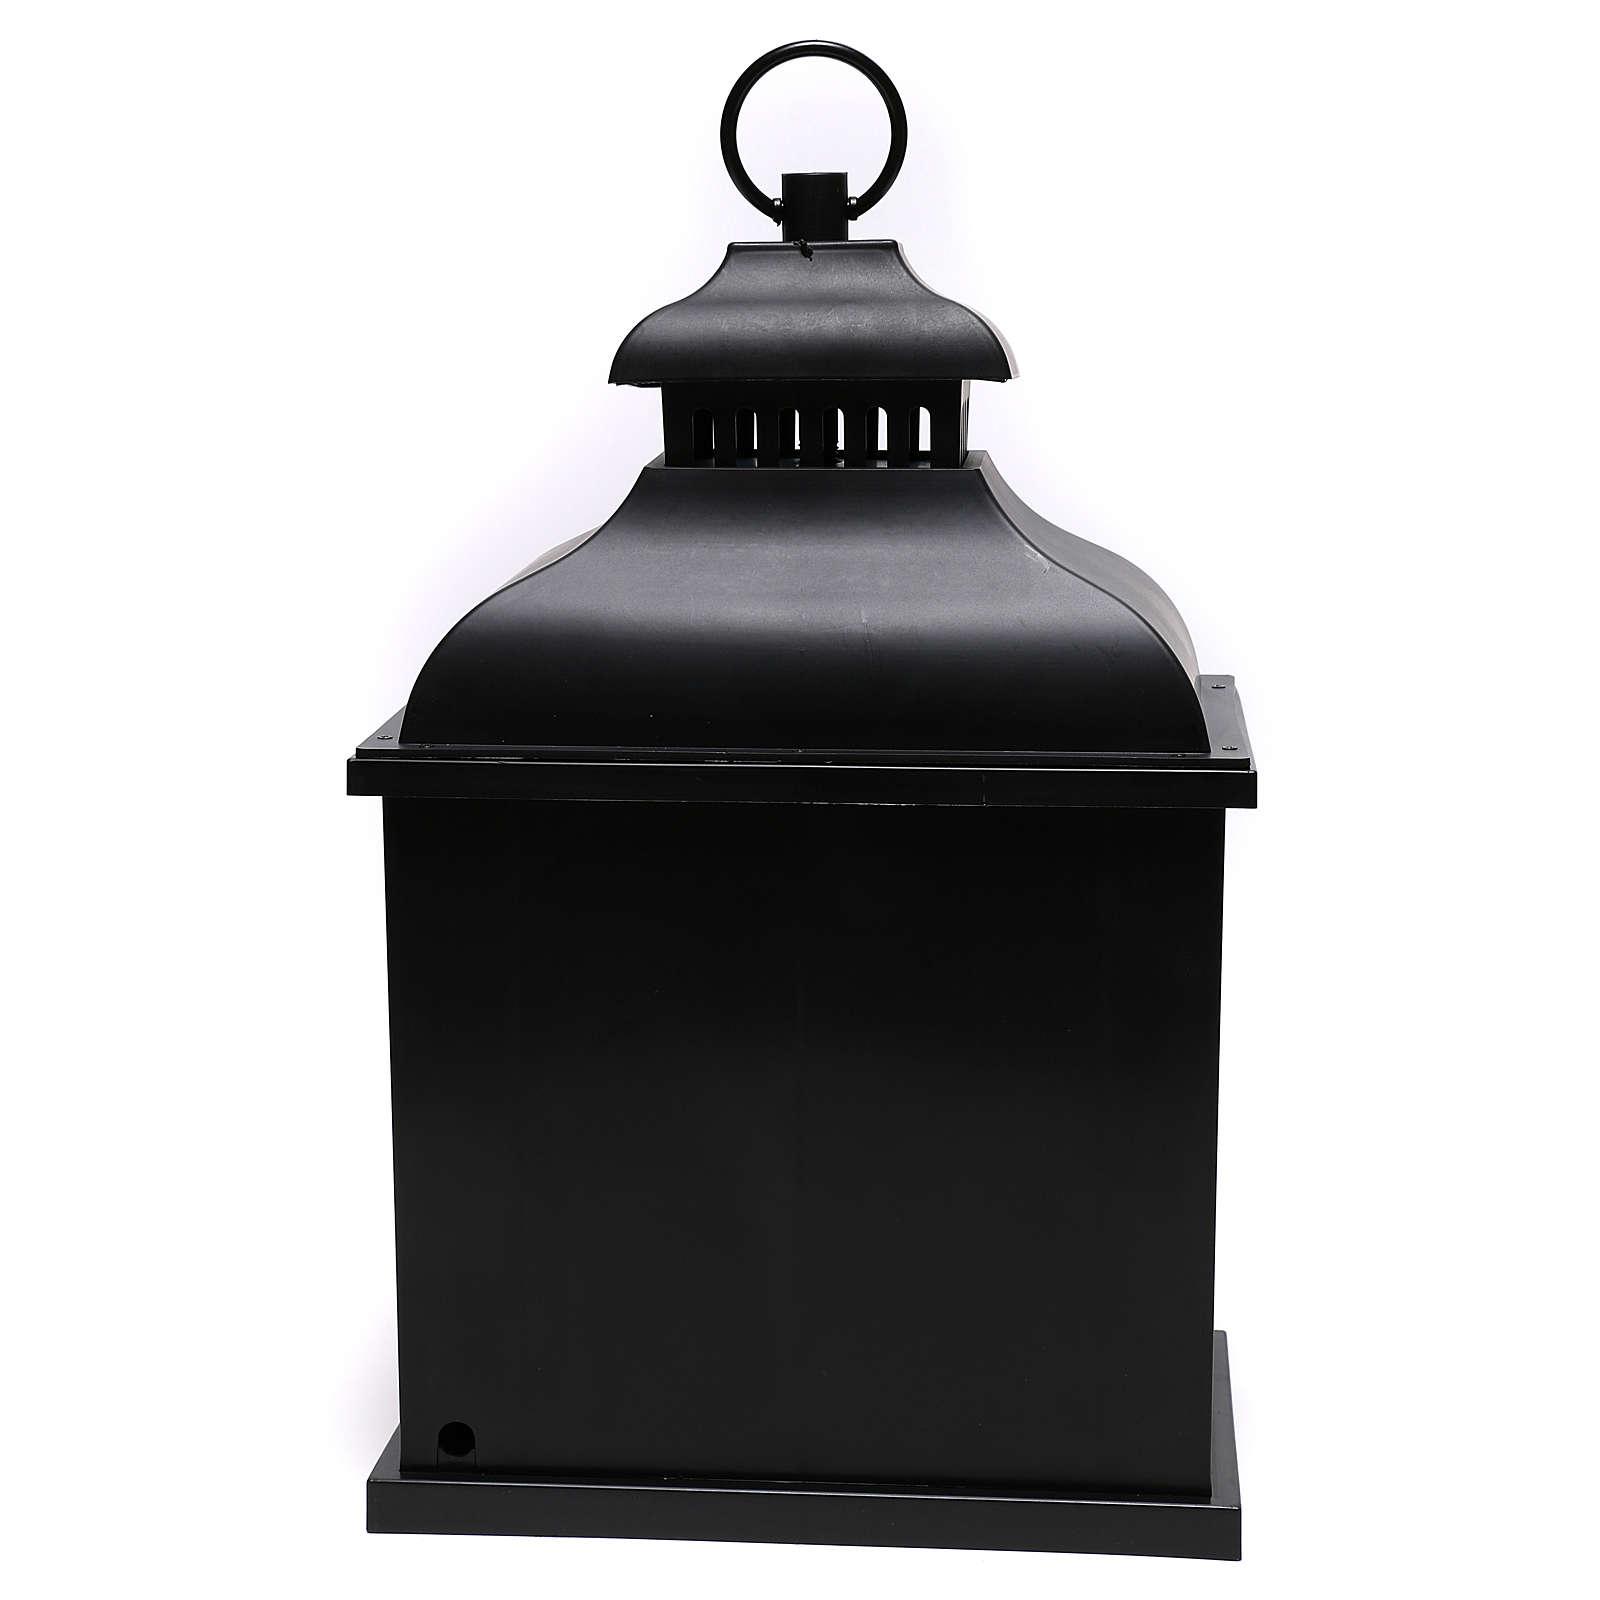 Lanterna LED efeito chama 20x25x15 cm 3